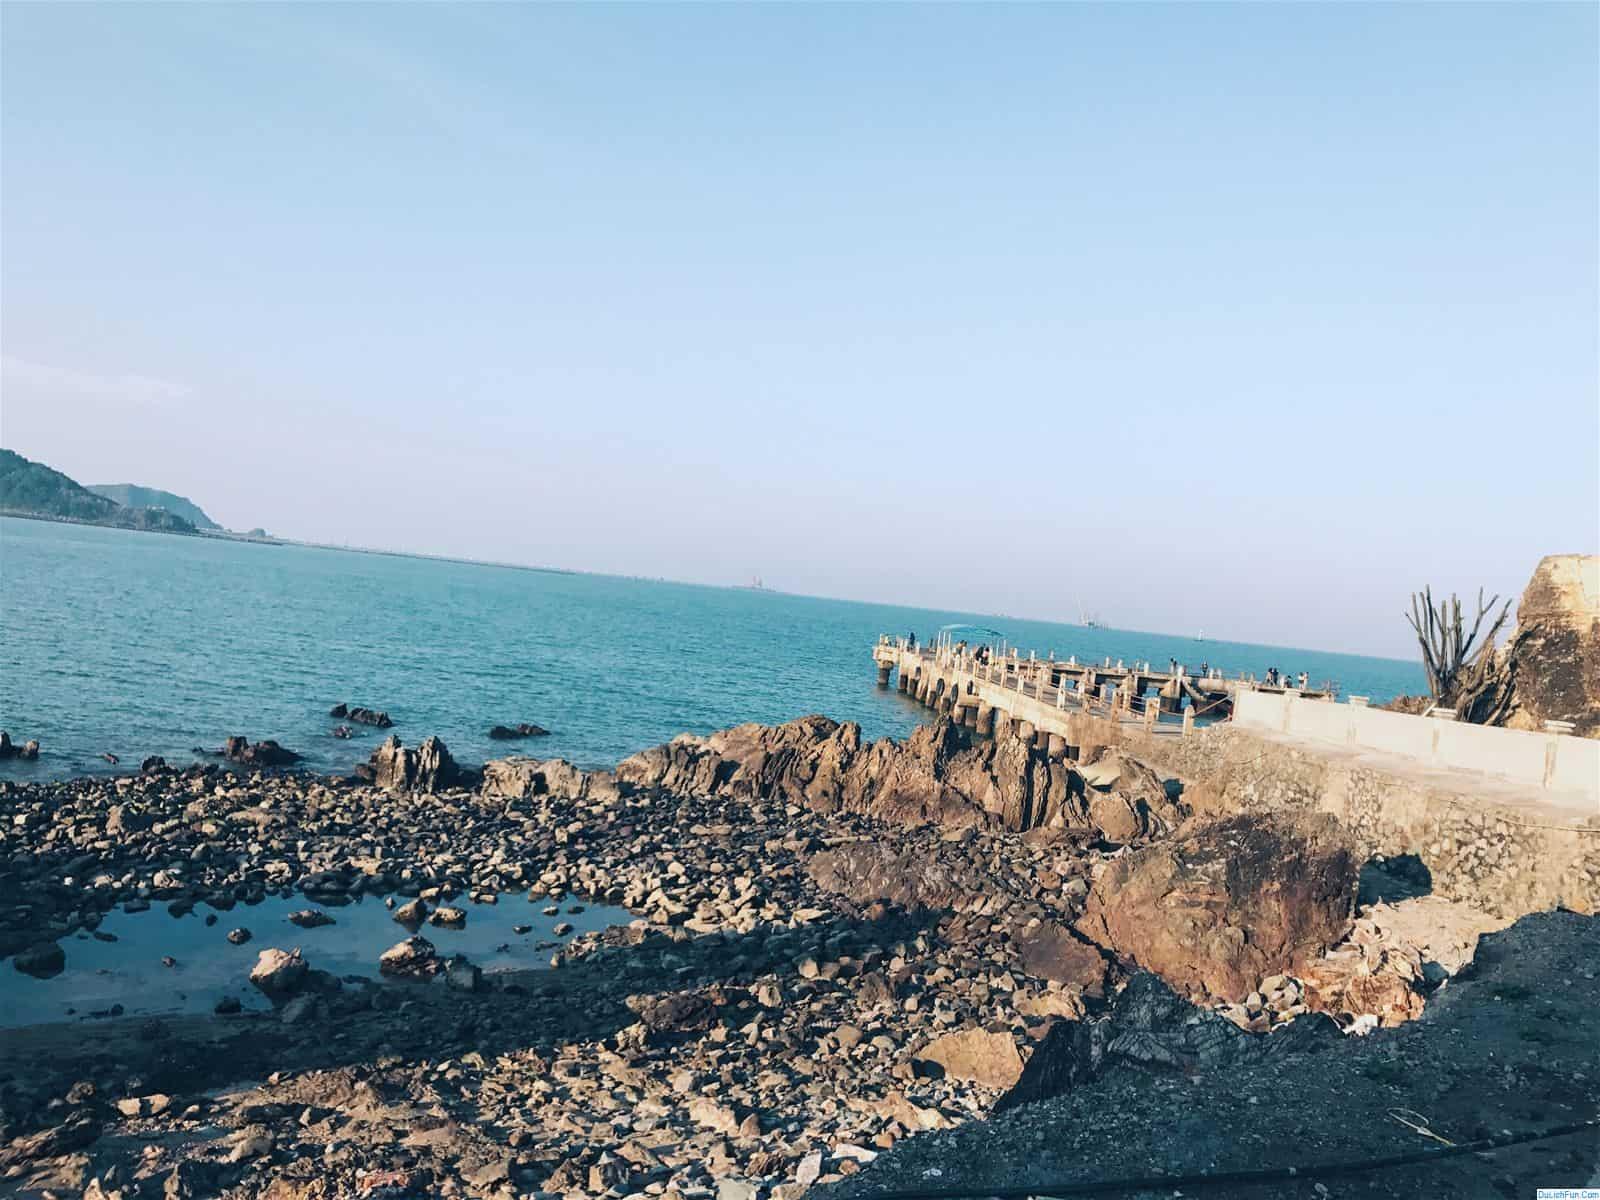 Kinh nghiệm du lịch đảo Lan Châu - Tiểu Cửa Lò cực đẹp. Hướng dẫn, cẩm nang du lịch đảo Lan Châu ăn ở, đường đi, thời điểm đẹp.